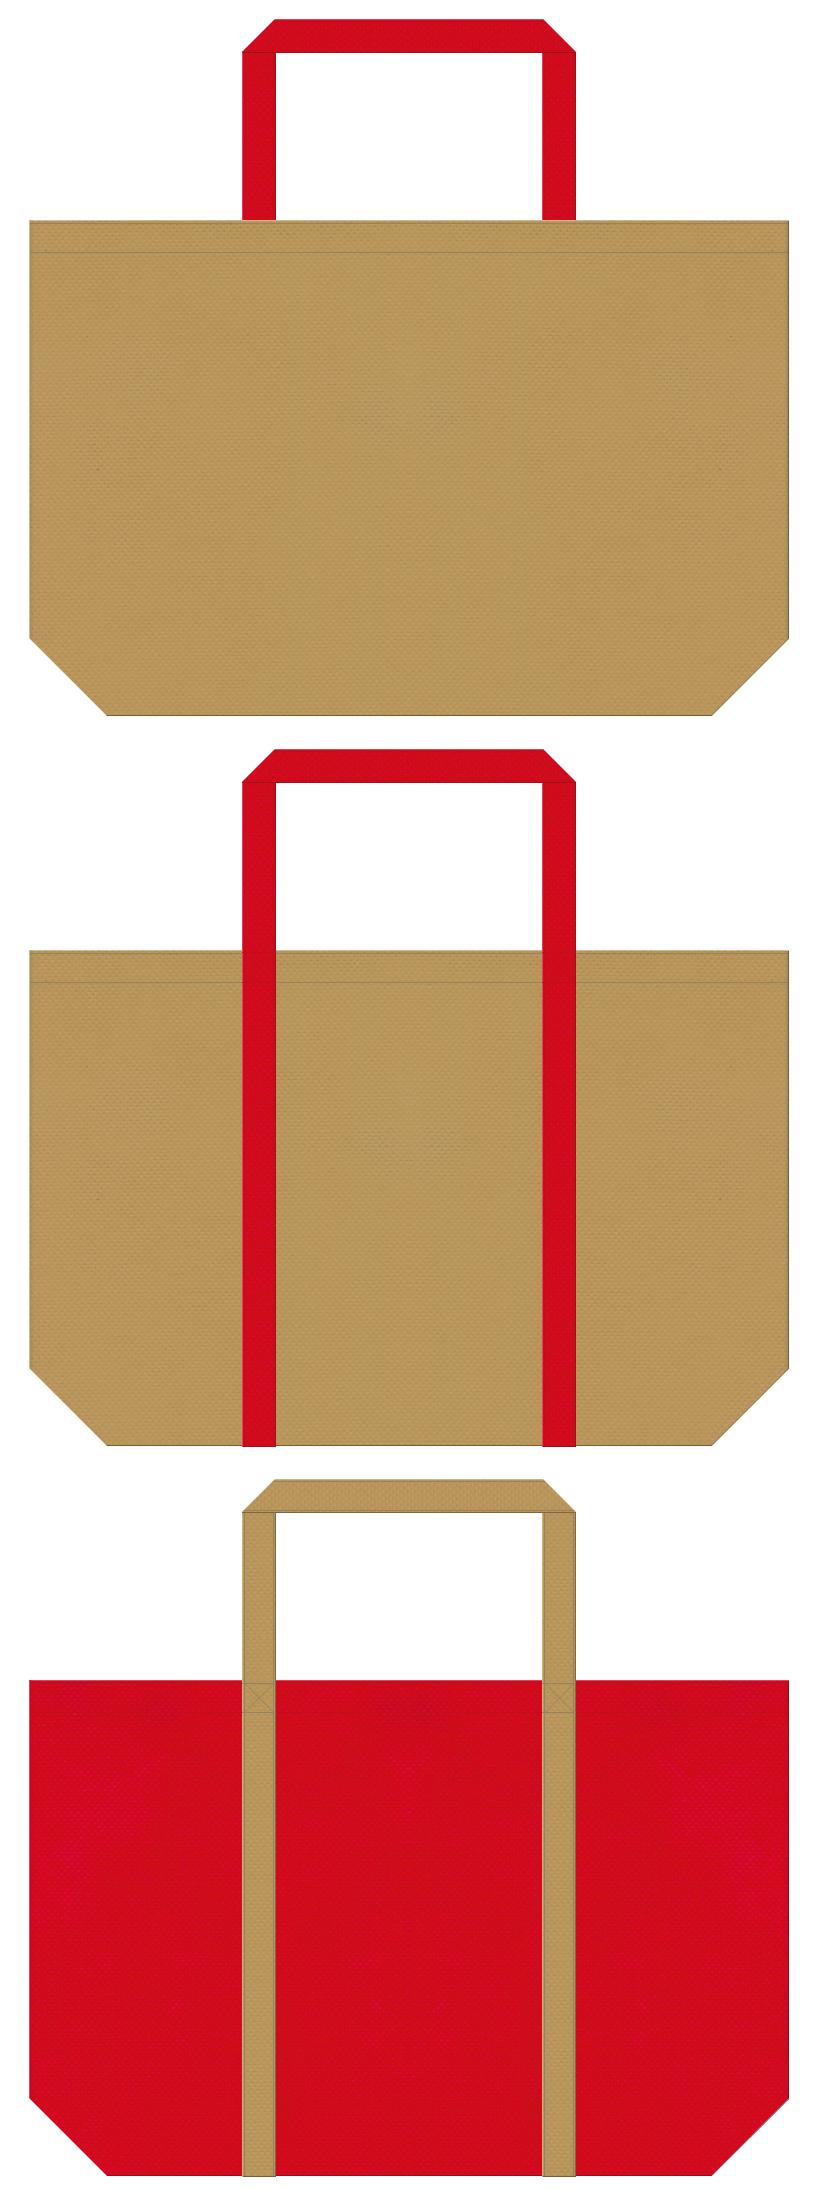 赤鬼・節分・大豆・一合枡・御輿・お祭り用品のショッピングバッグにお奨めの不織布バッグデザイン:金黄土色と紅色のコーデ